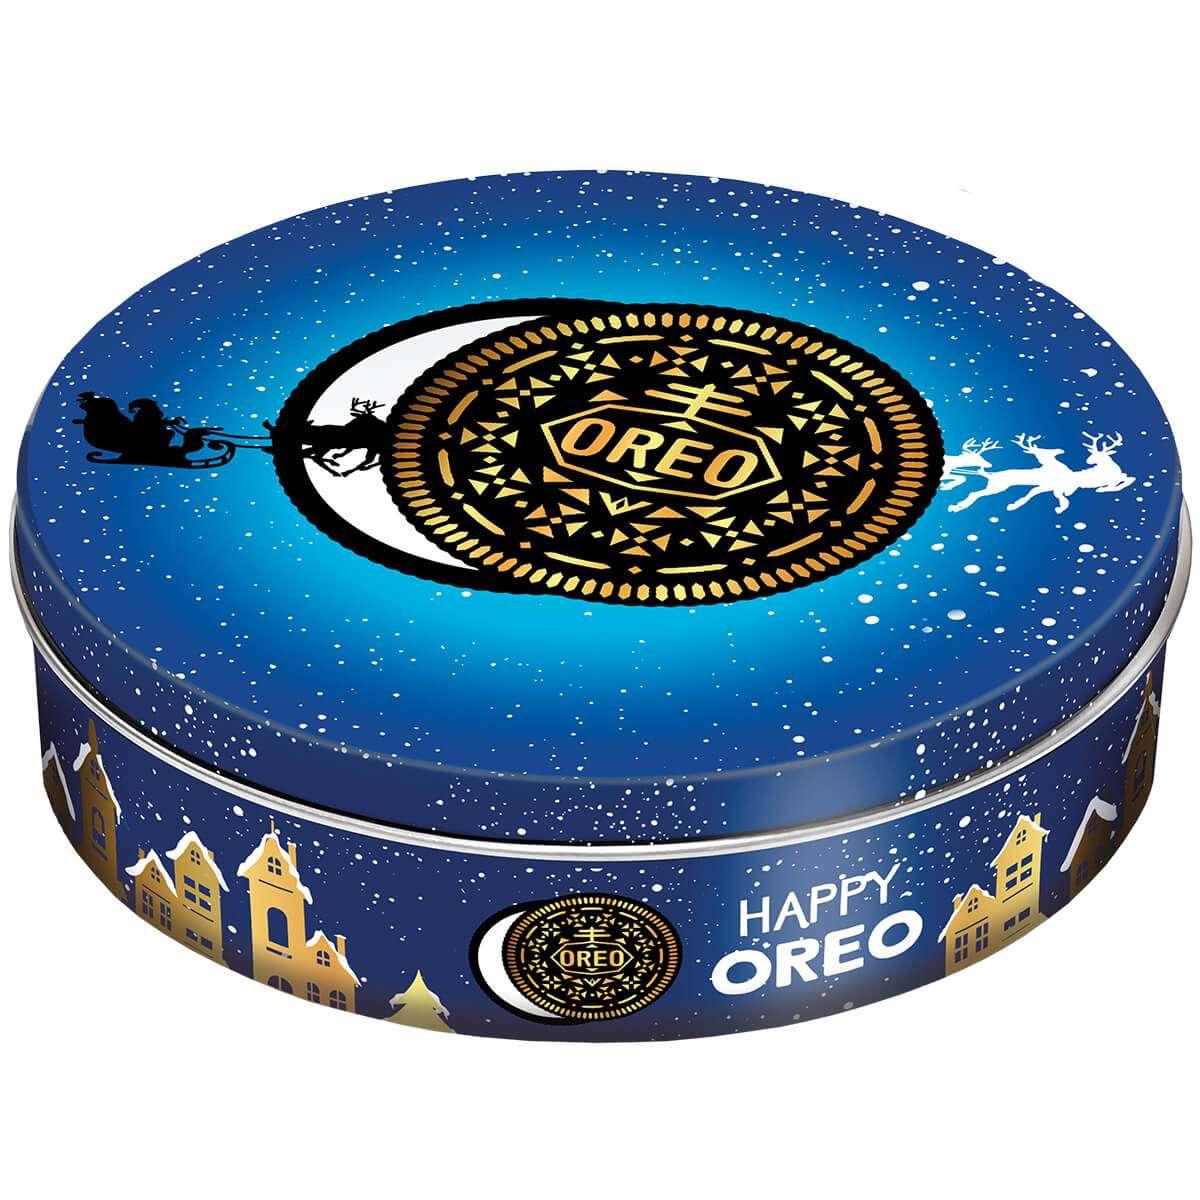 Oreo in a tin (350g) - 90p @ Sainsbury's (York)